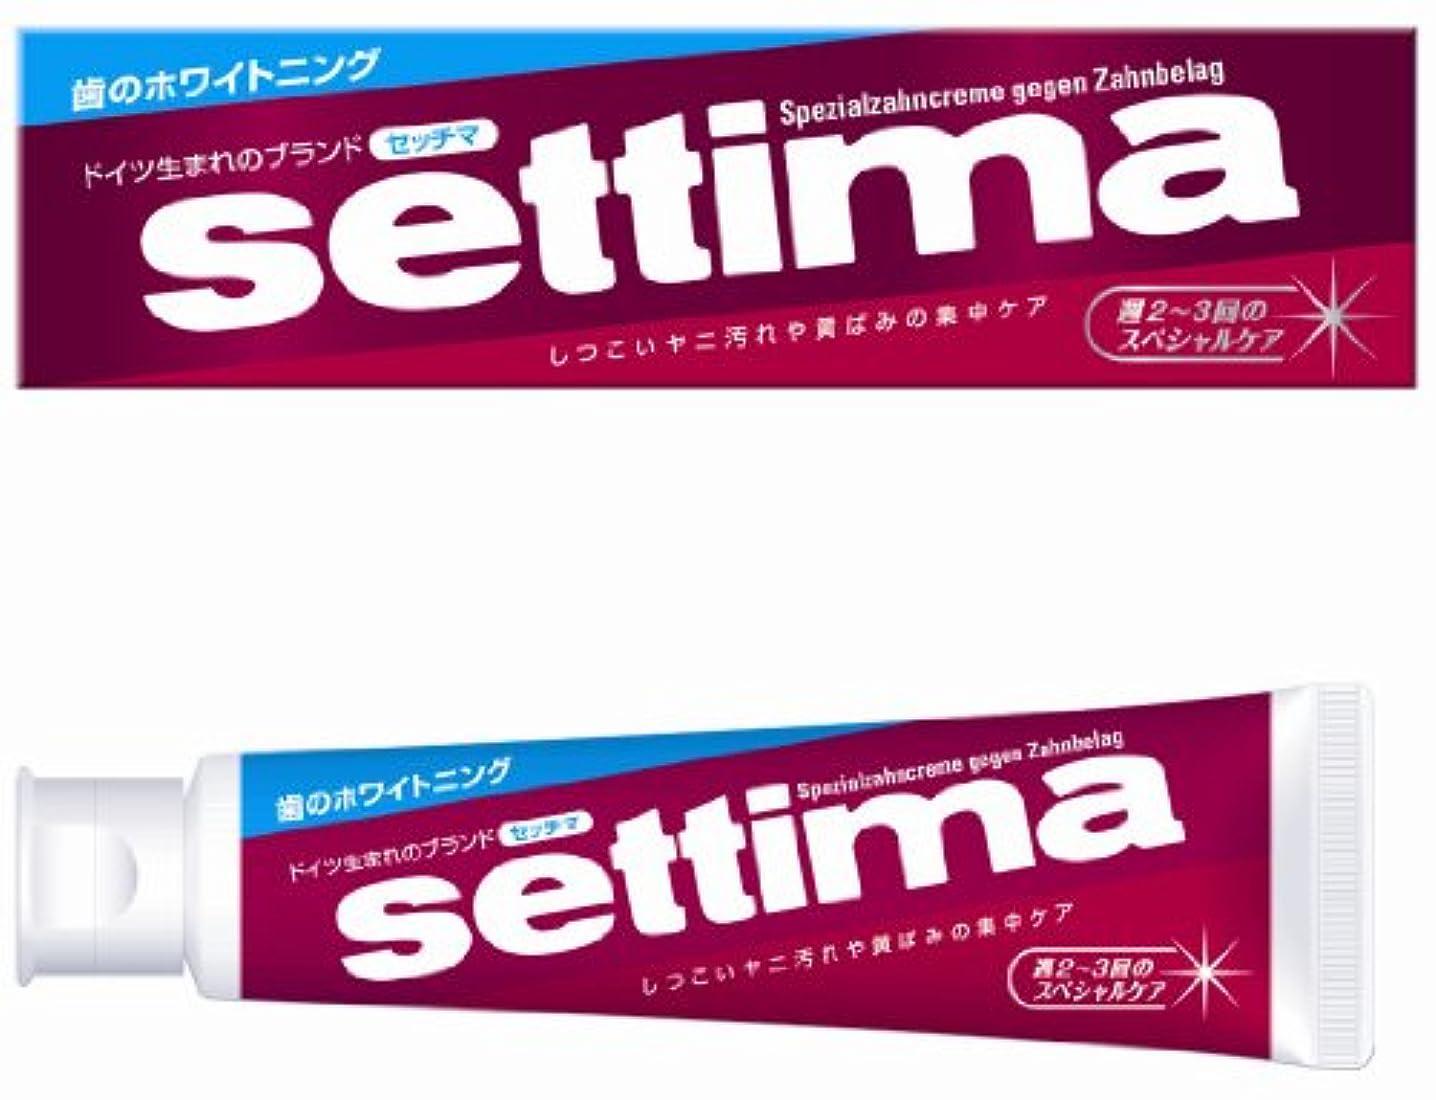 ラテンアナウンサー実際のsettima(セッチマ) はみがき スペシャル (箱タイプ) 120g